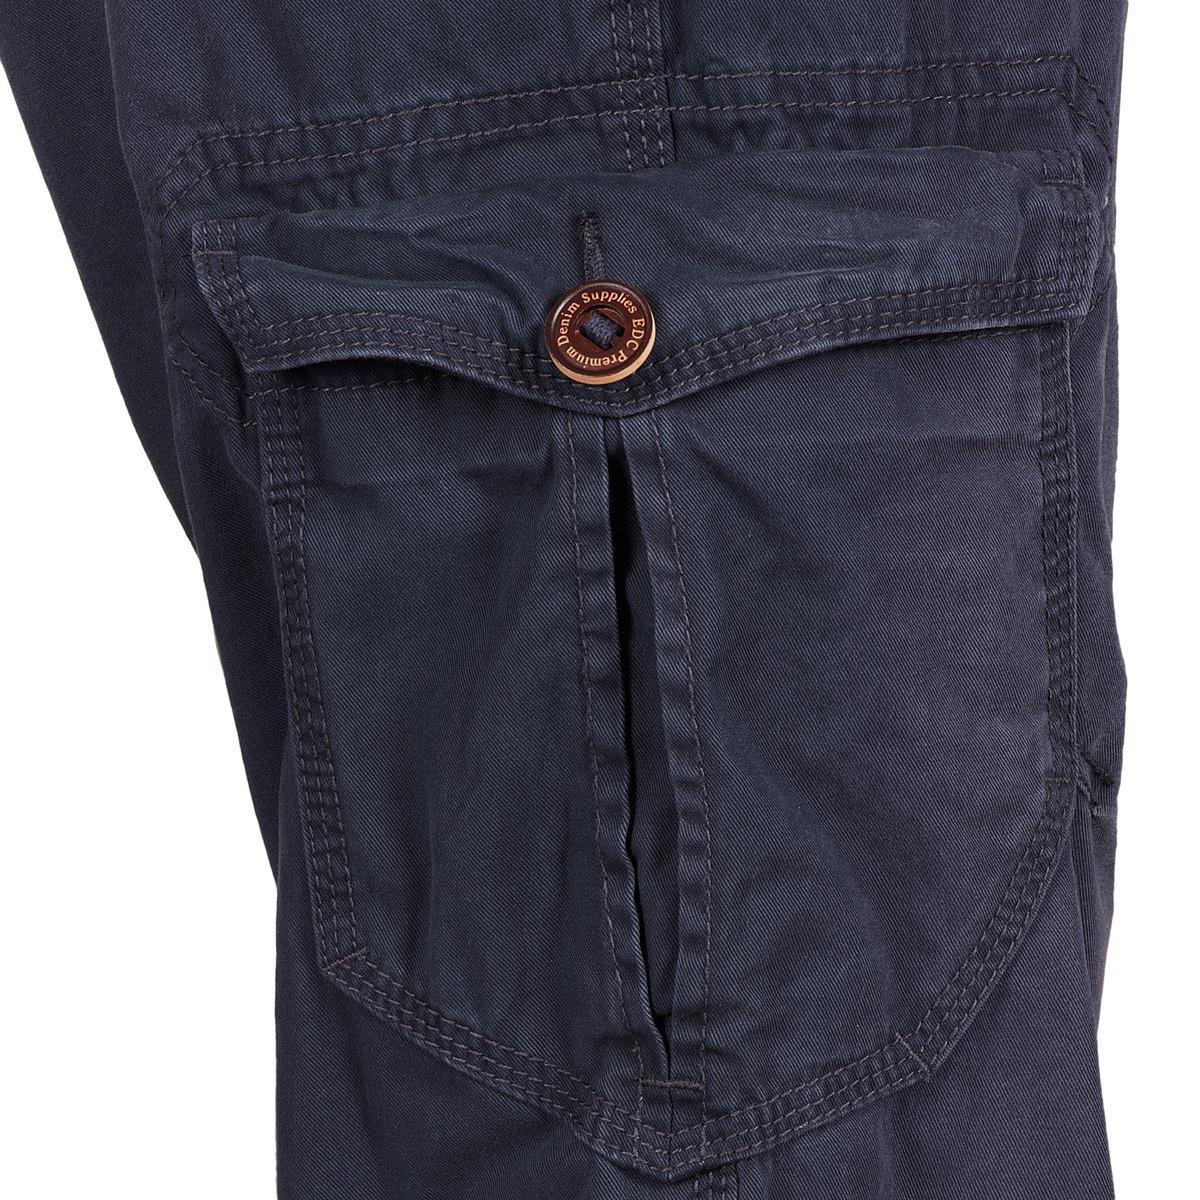 Esprit Cotton Vintage Cargo Trousers in Blue for Men